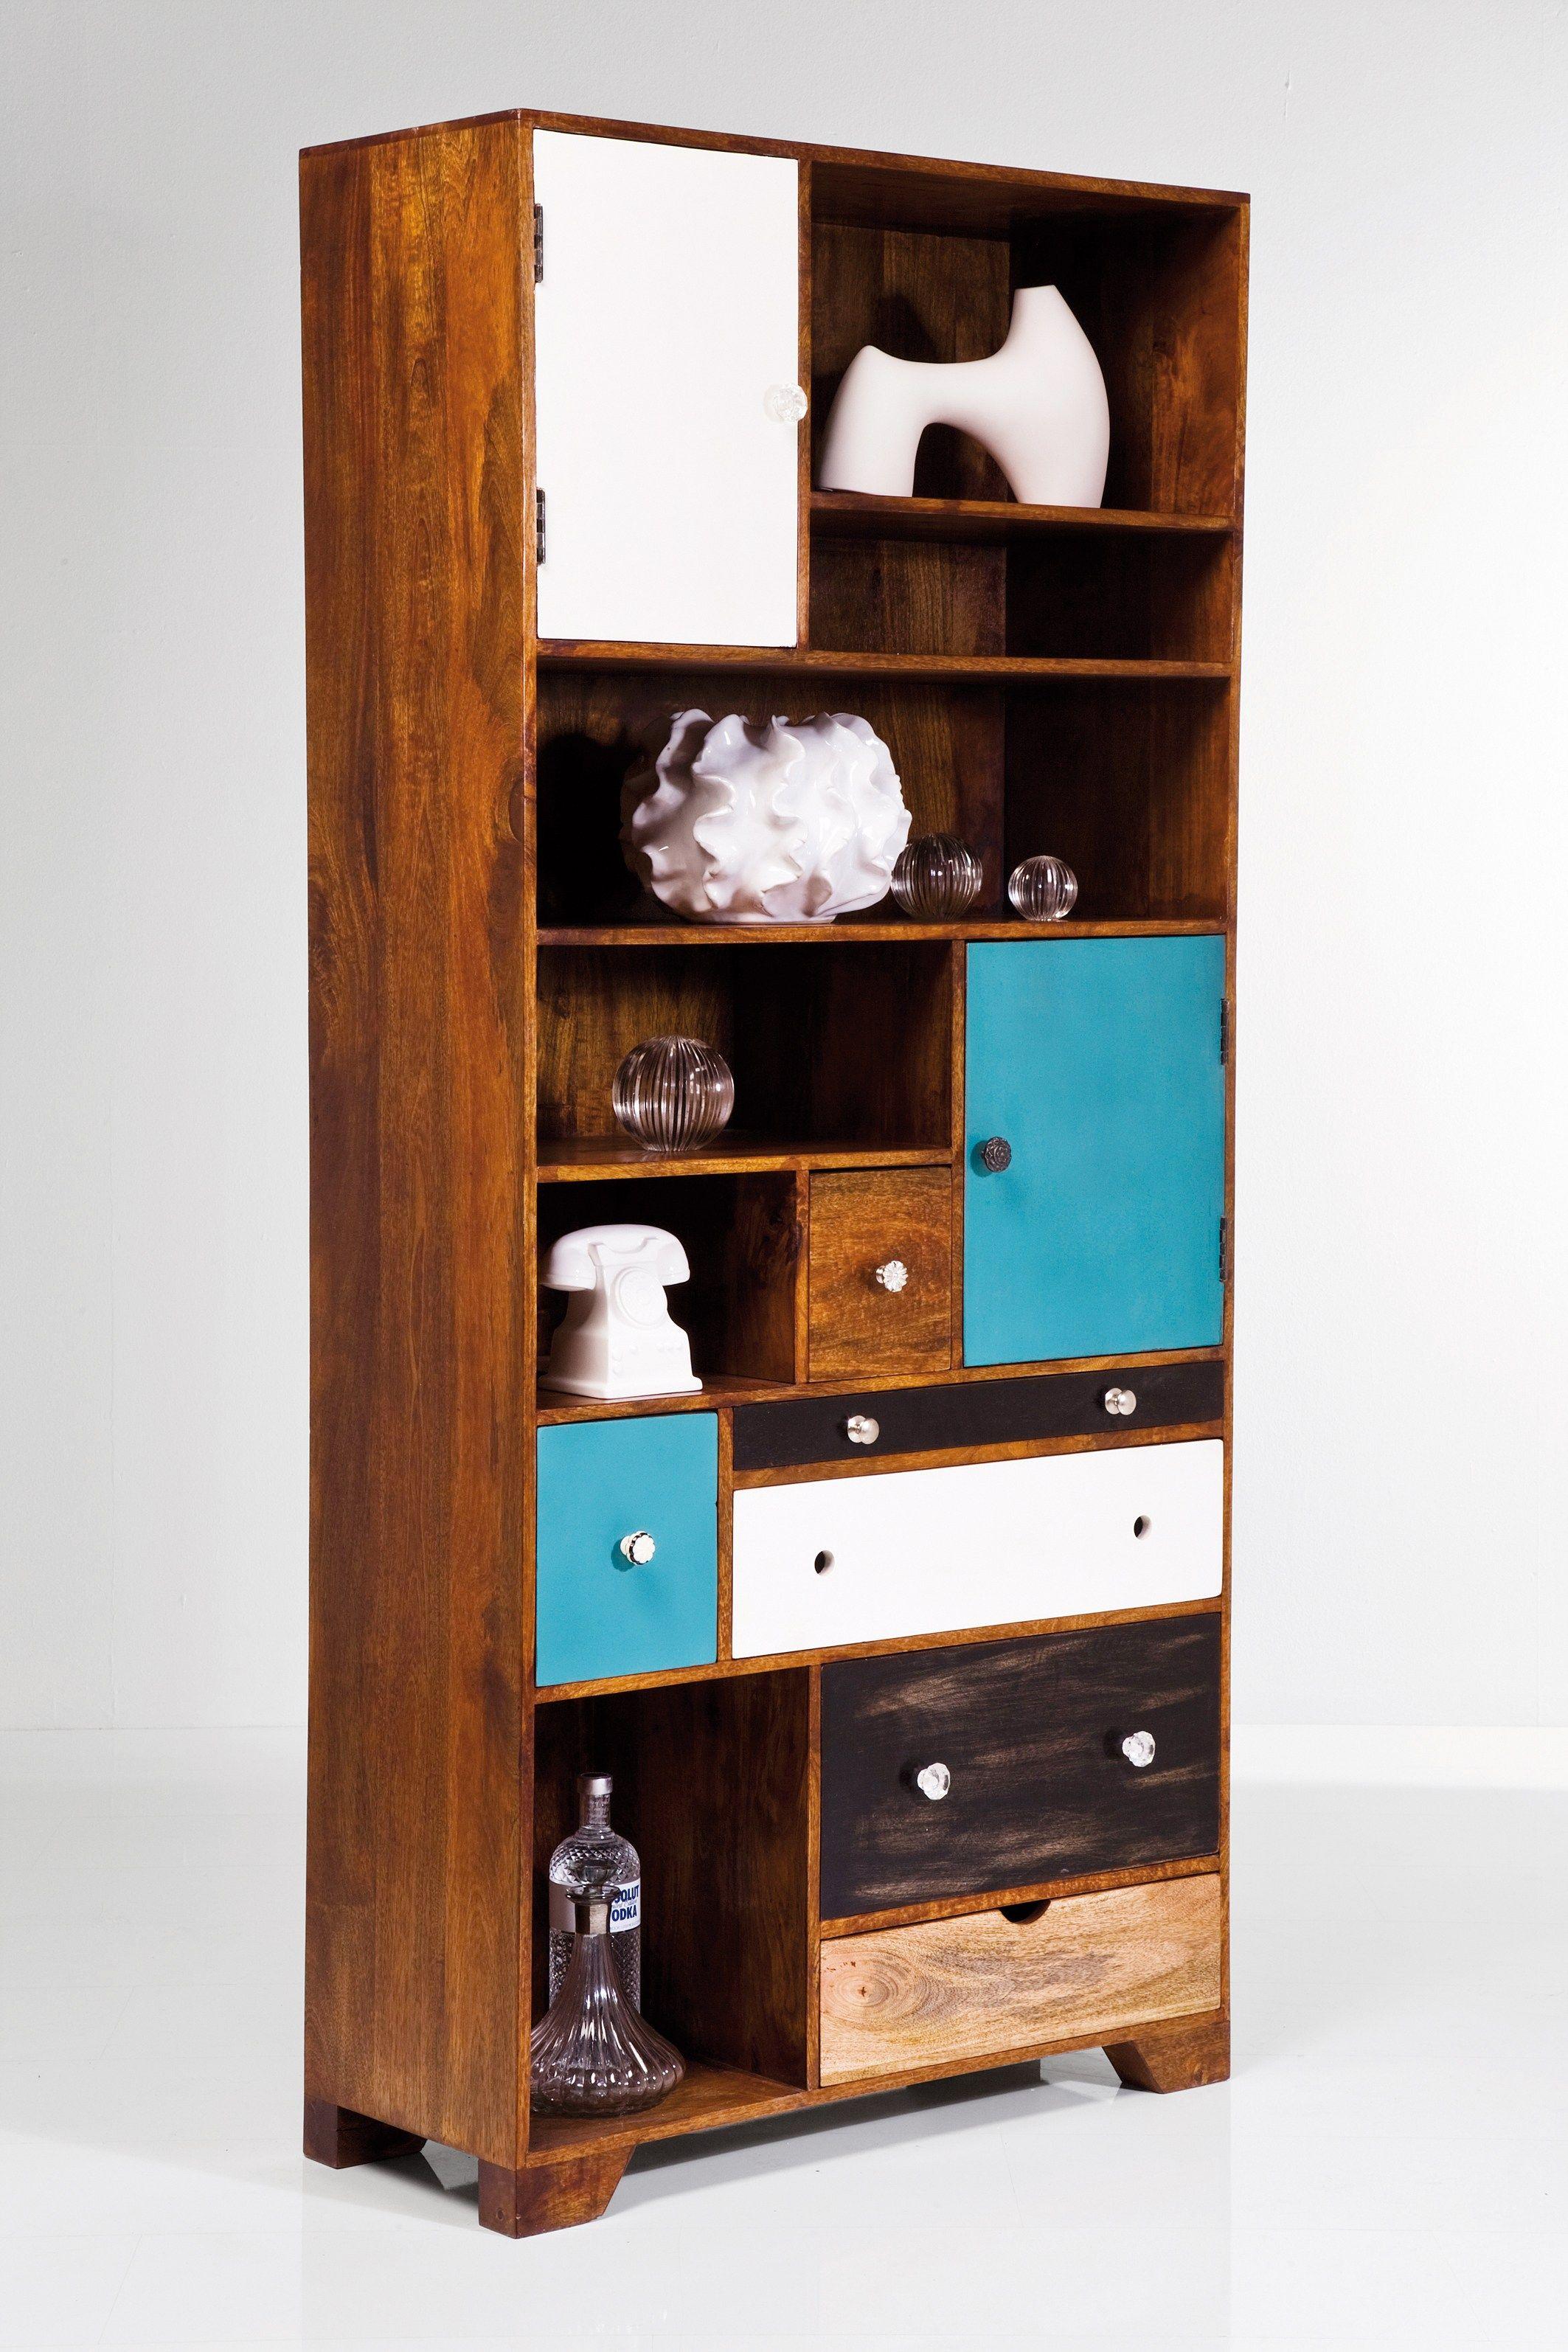 Libreria a giorno in legno con cassetti babalou libreria for Mobili kare design